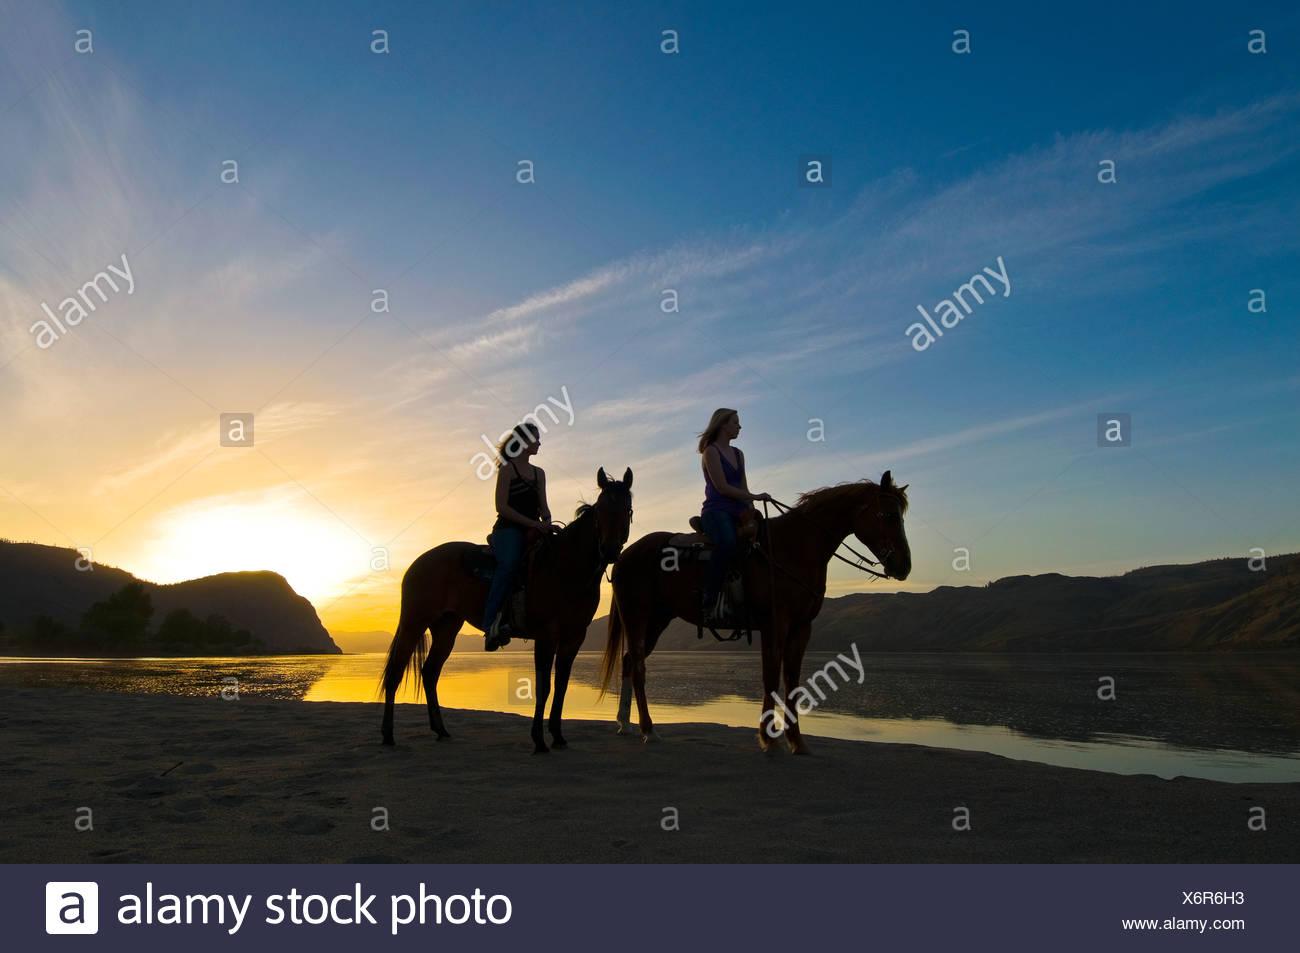 Dos mujeres jóvenes gozan de impresionantes vistas del atardecer caballos Imagen De Stock